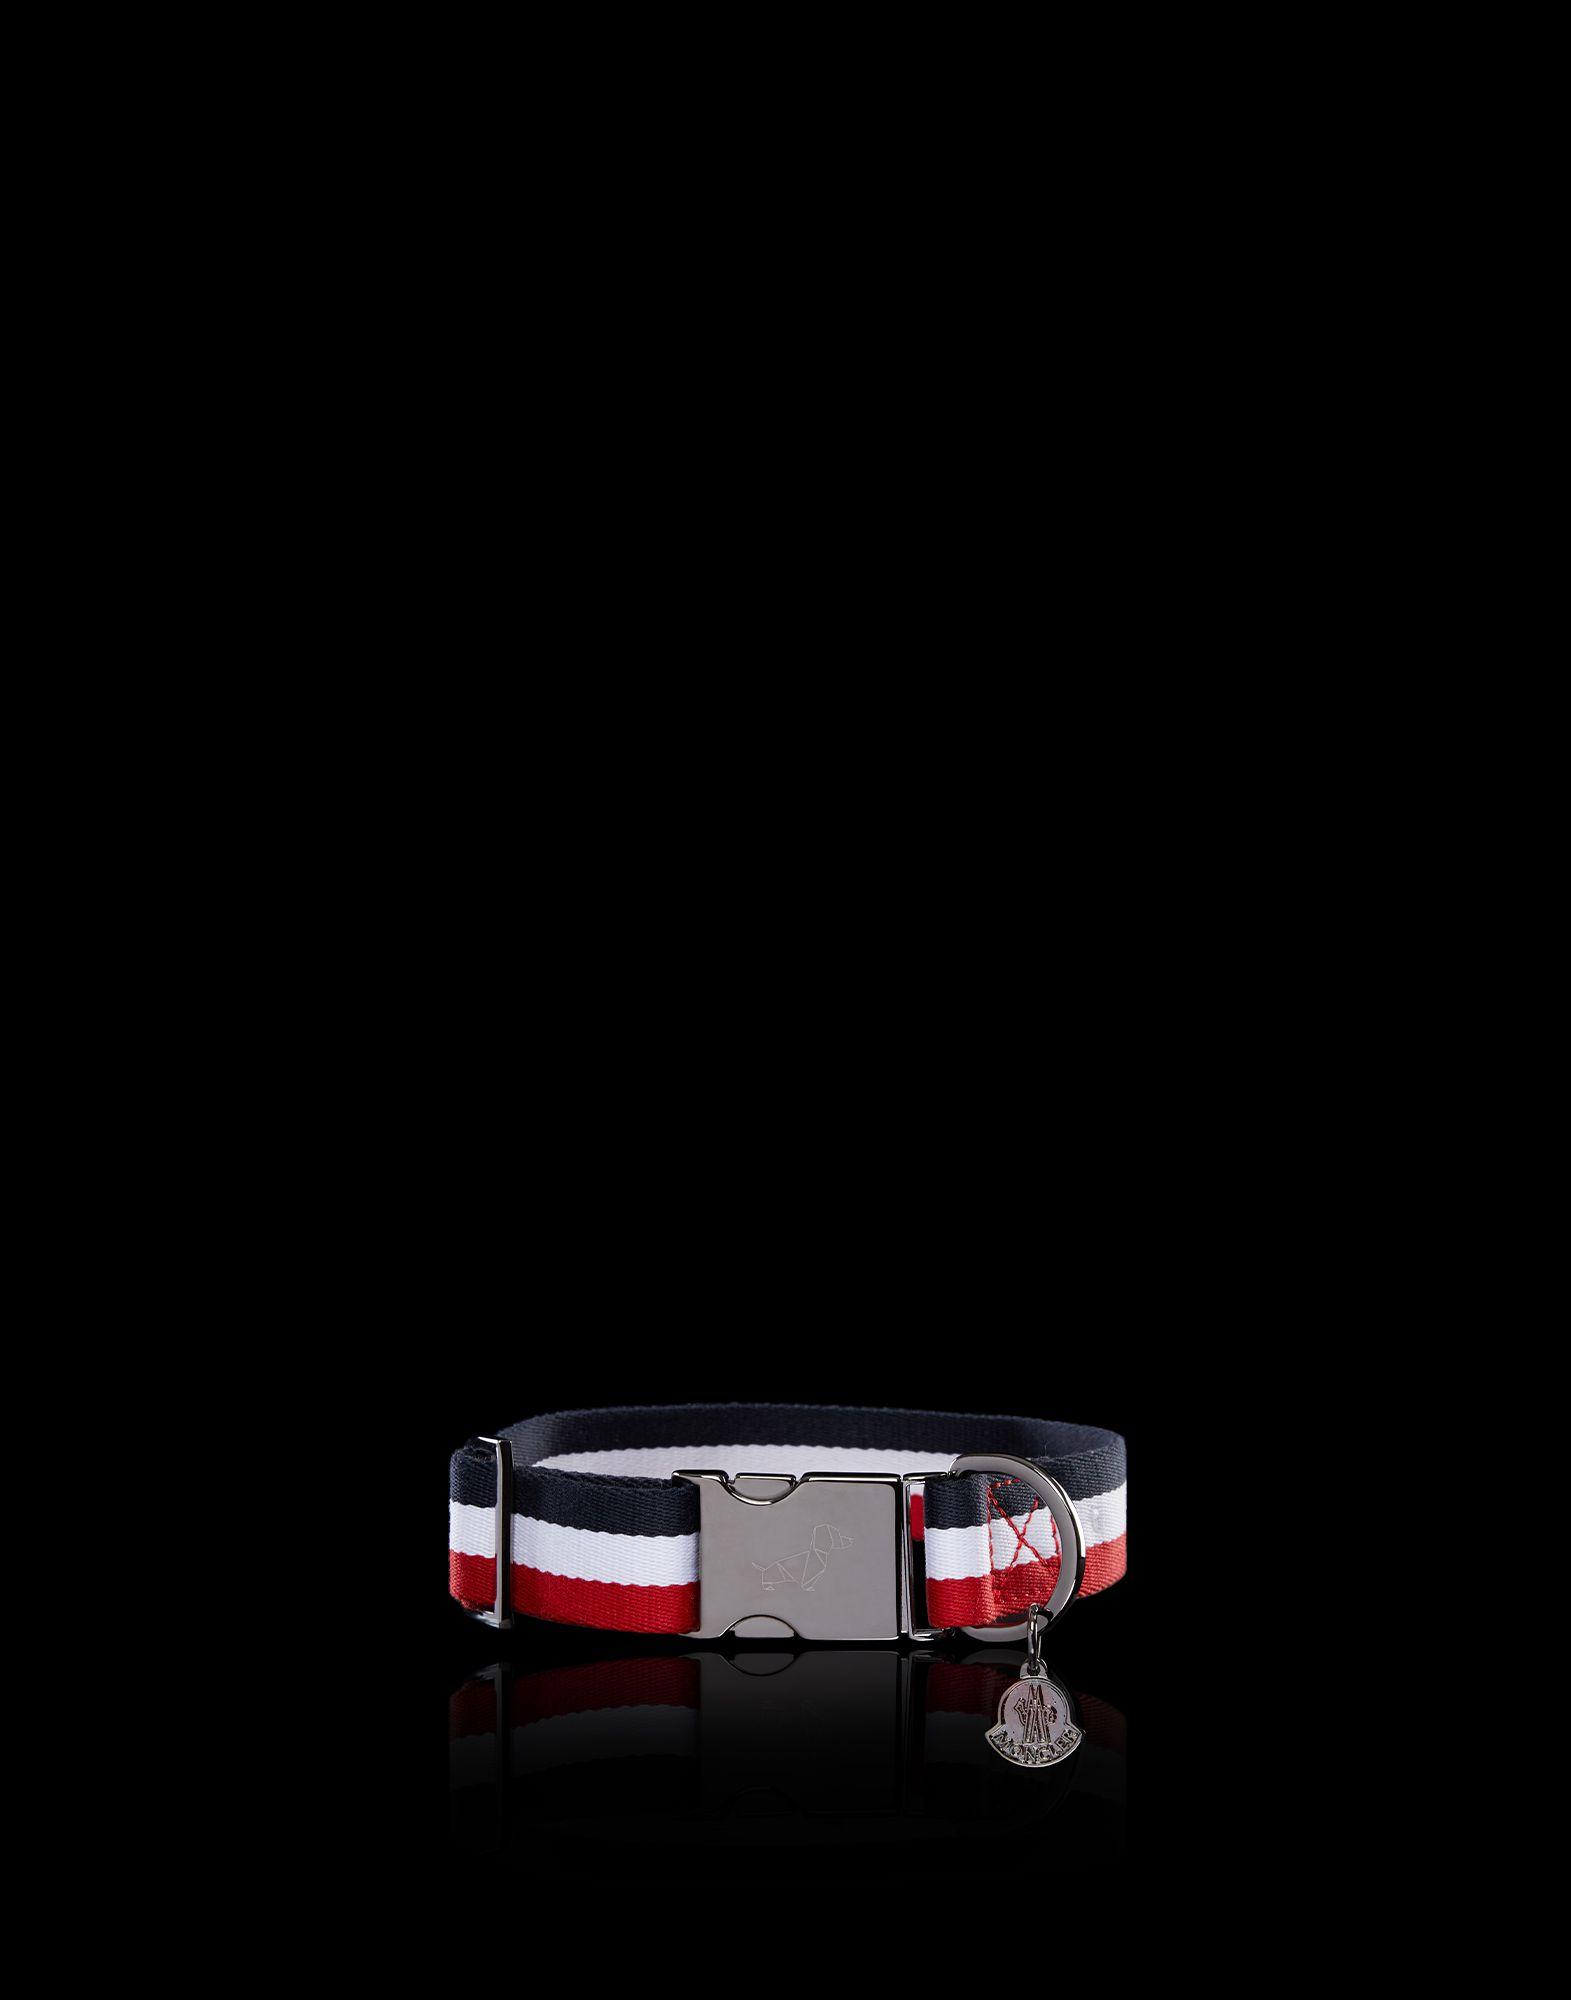 Thương hiệu Moncler tung BST áo khoác cao cấp cho... cún cưng - Hình 5